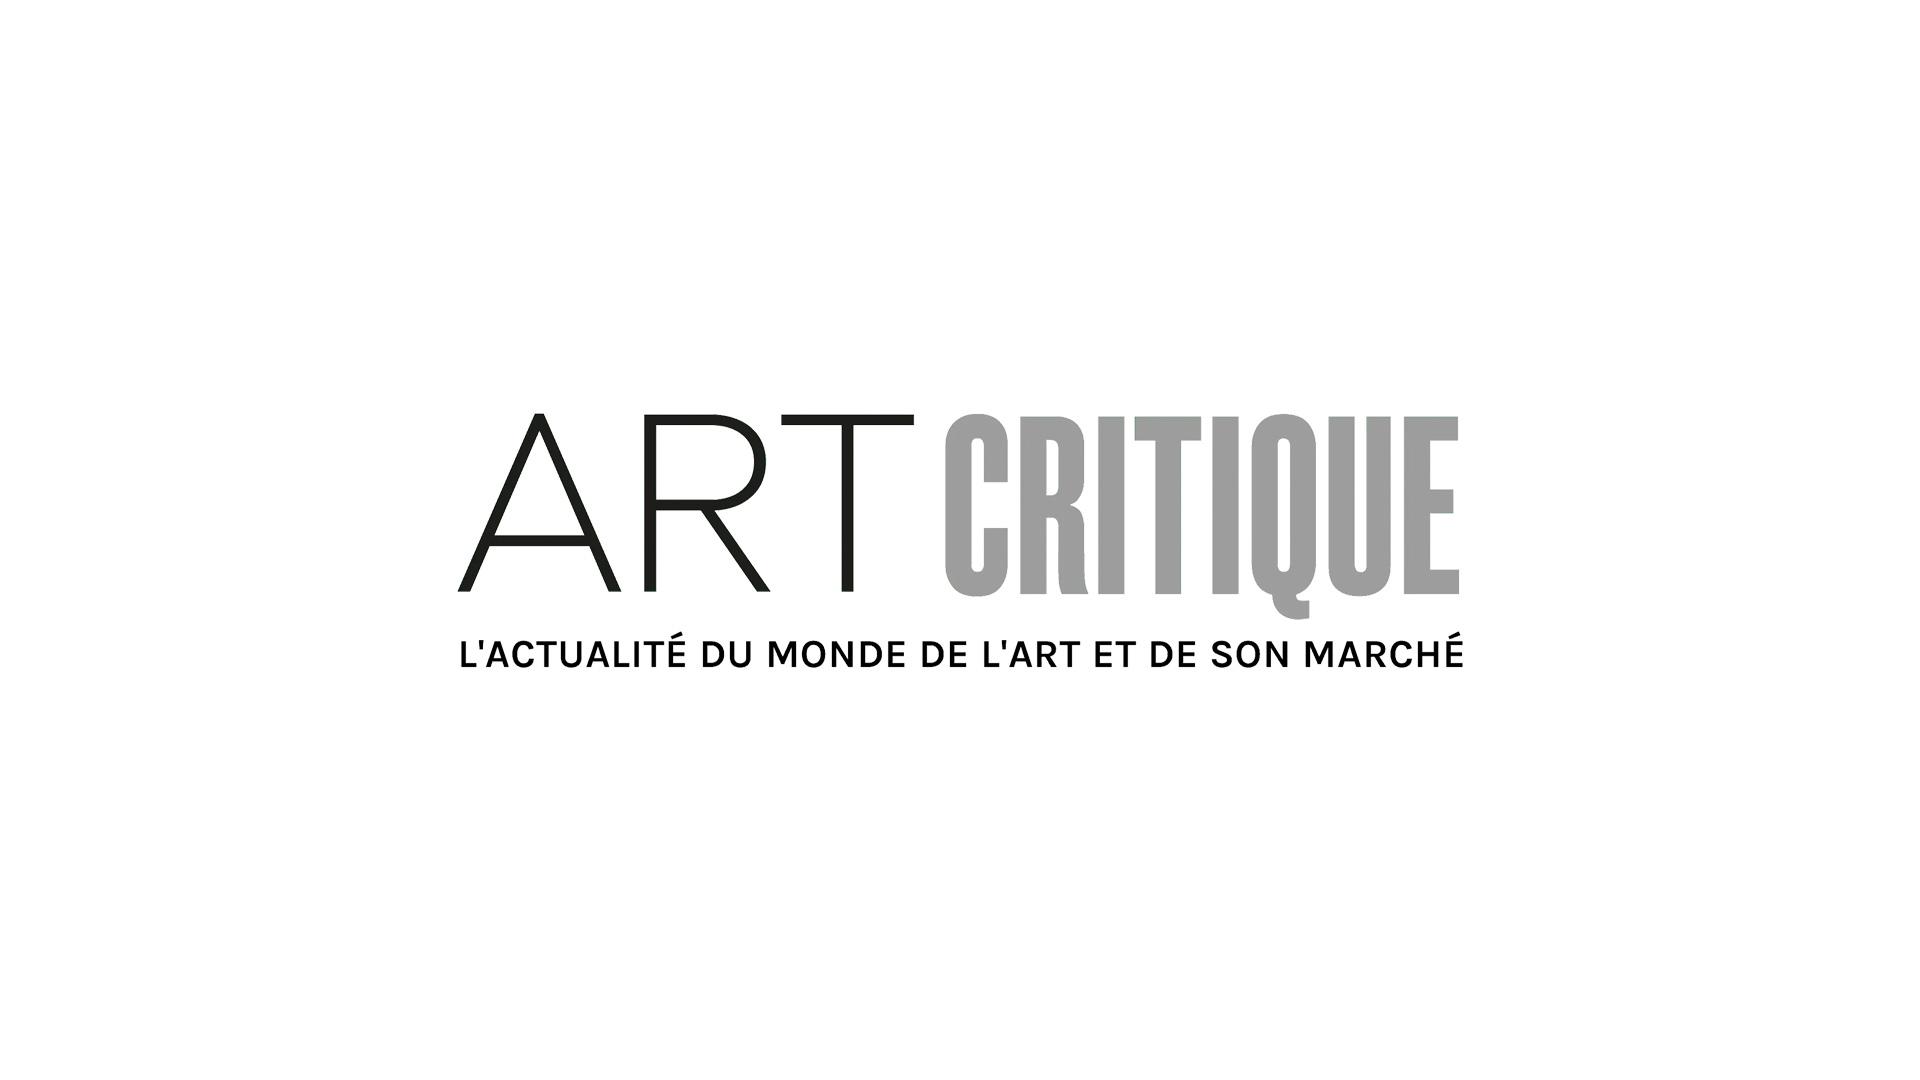 Google spreadsheet highlighting museum wages taken down